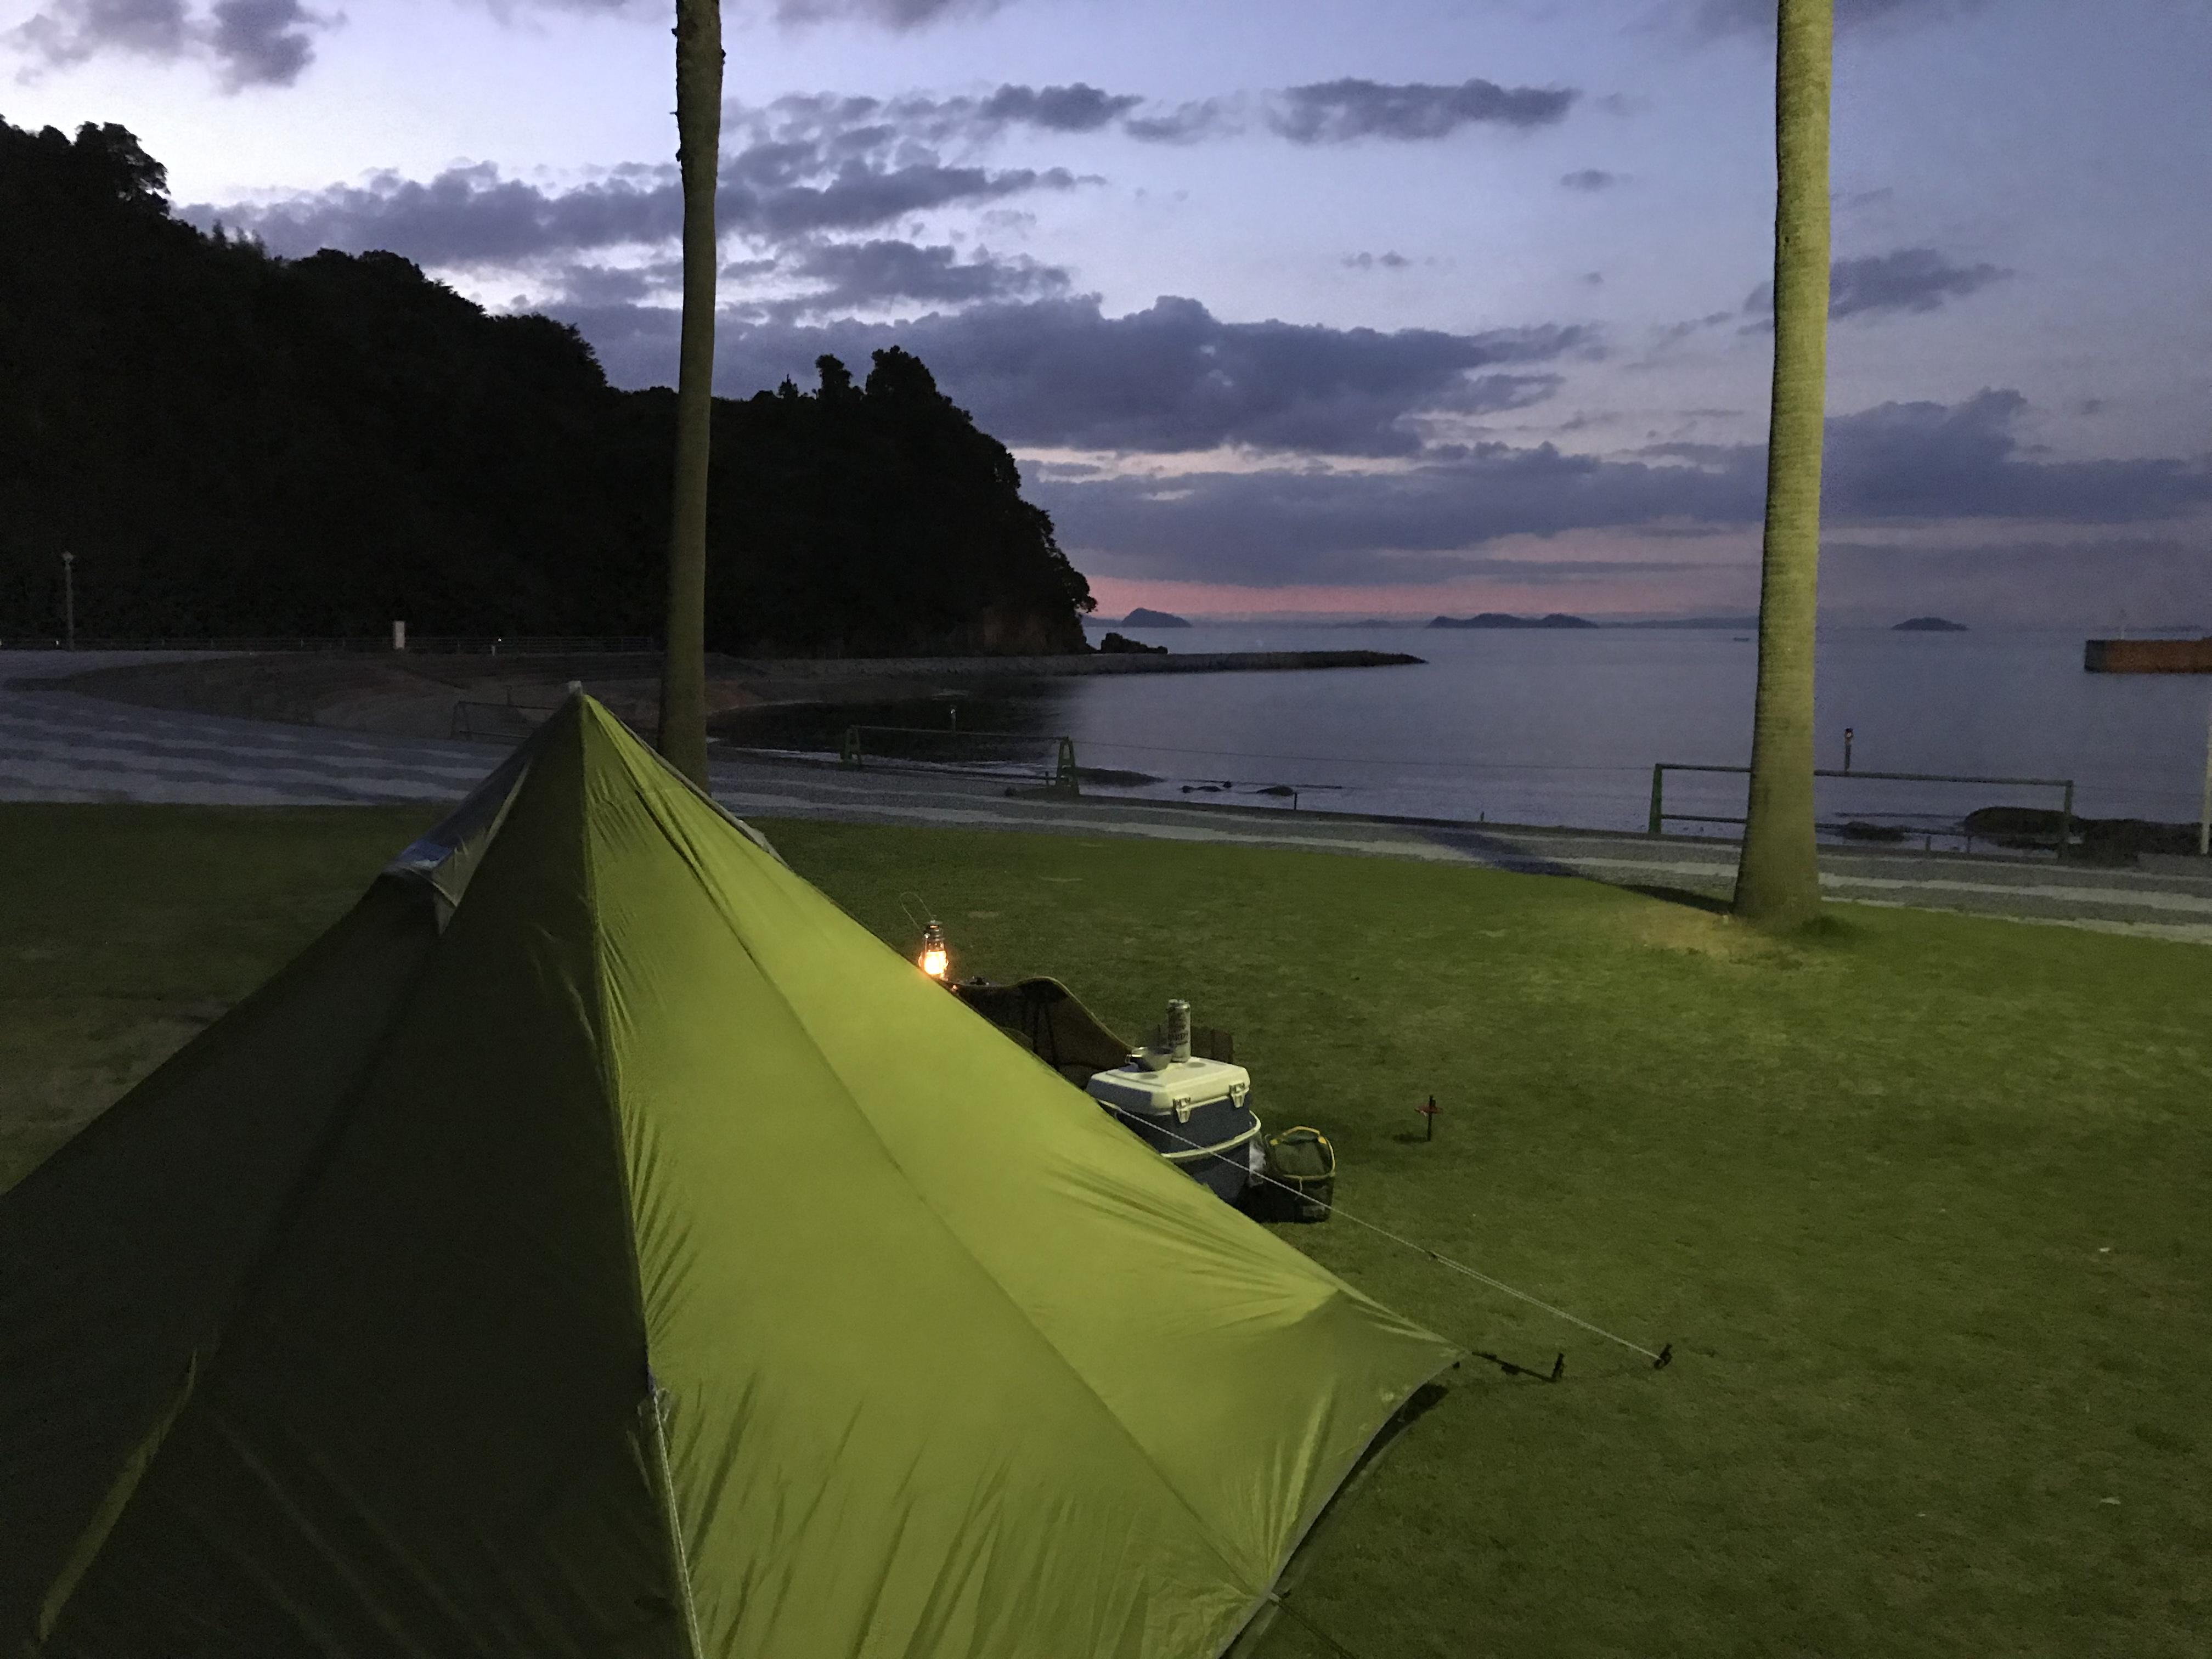 キャンプシーズン到来!新居浜市にある「マリンパーク新居浜」でキャンプをしてきたので実体験レクチャーするよ!